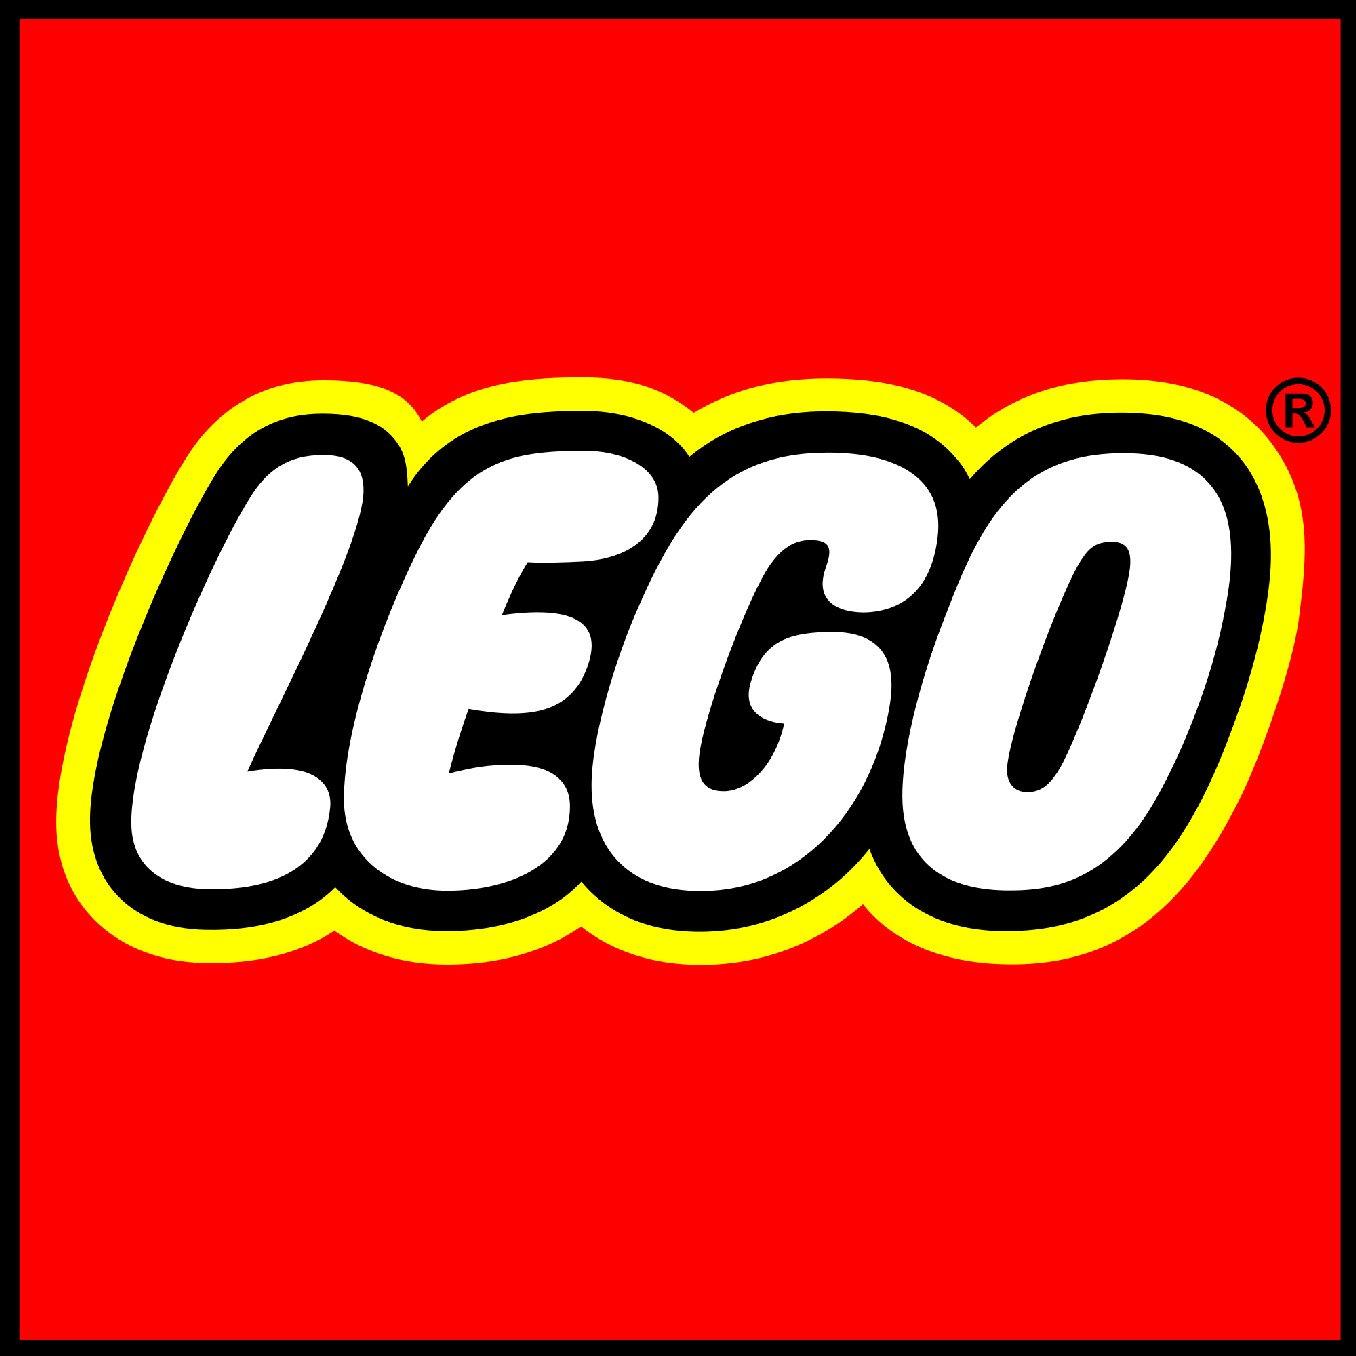 KLOCKI LEGO TANIO CENY HURTOWE ZABAWKI EDUKACYJNE